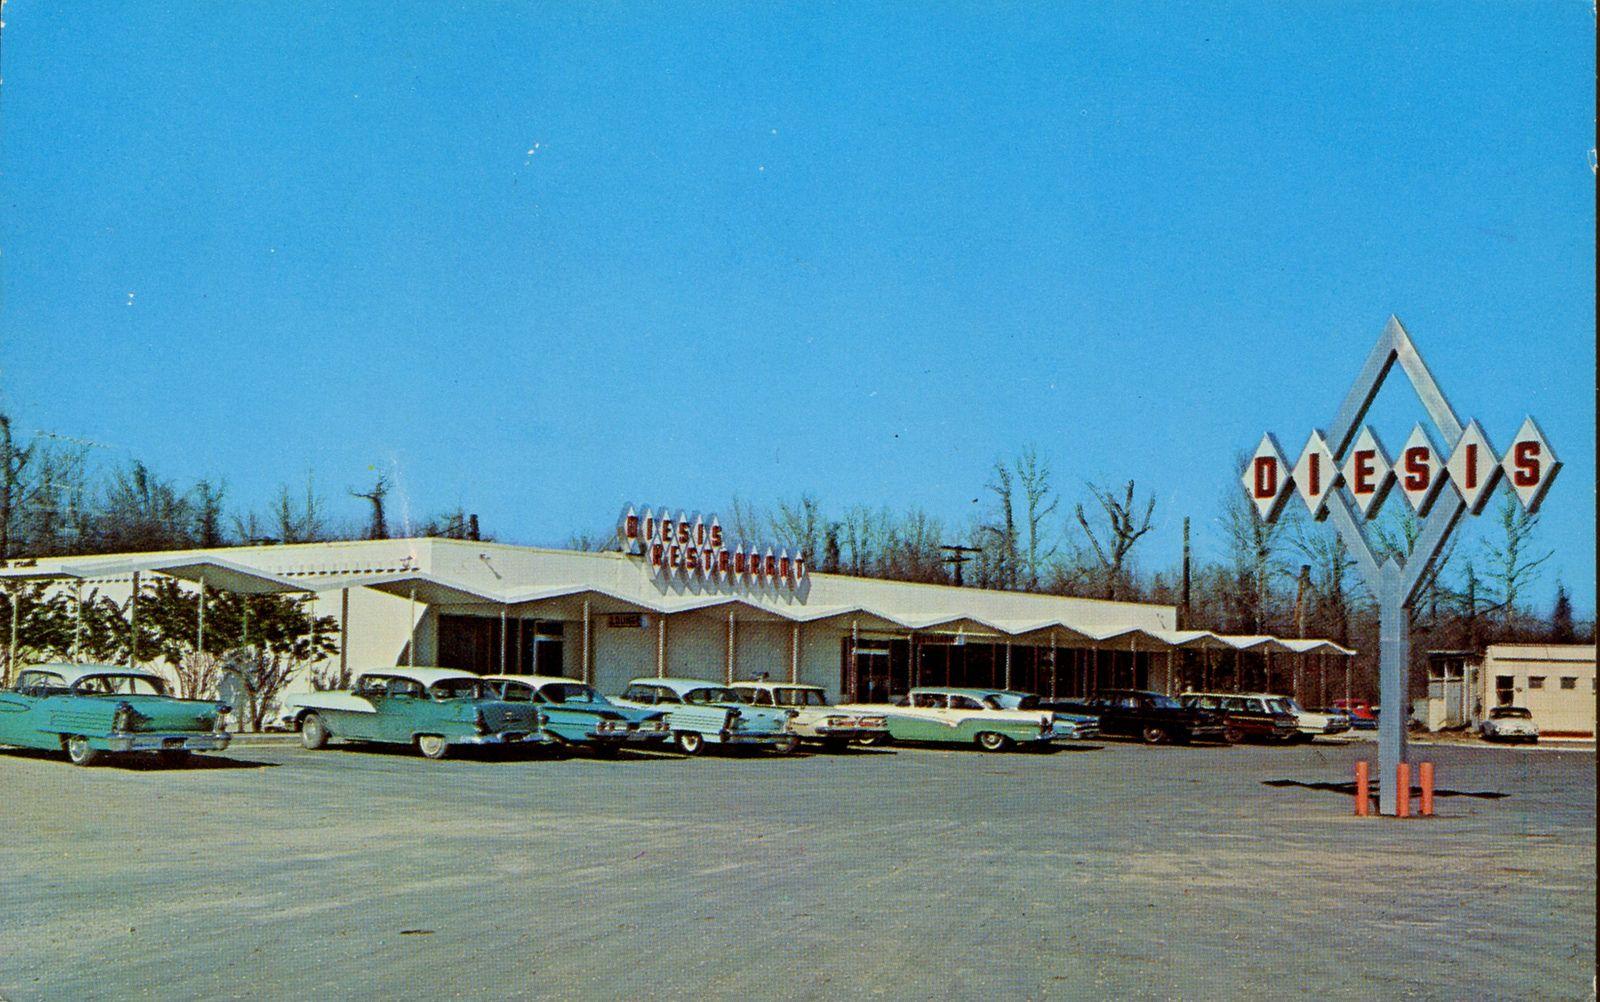 Diesi S Restaurant Baton Rouge Louisiana Baton Rouge Cool Restaurant Restaurant